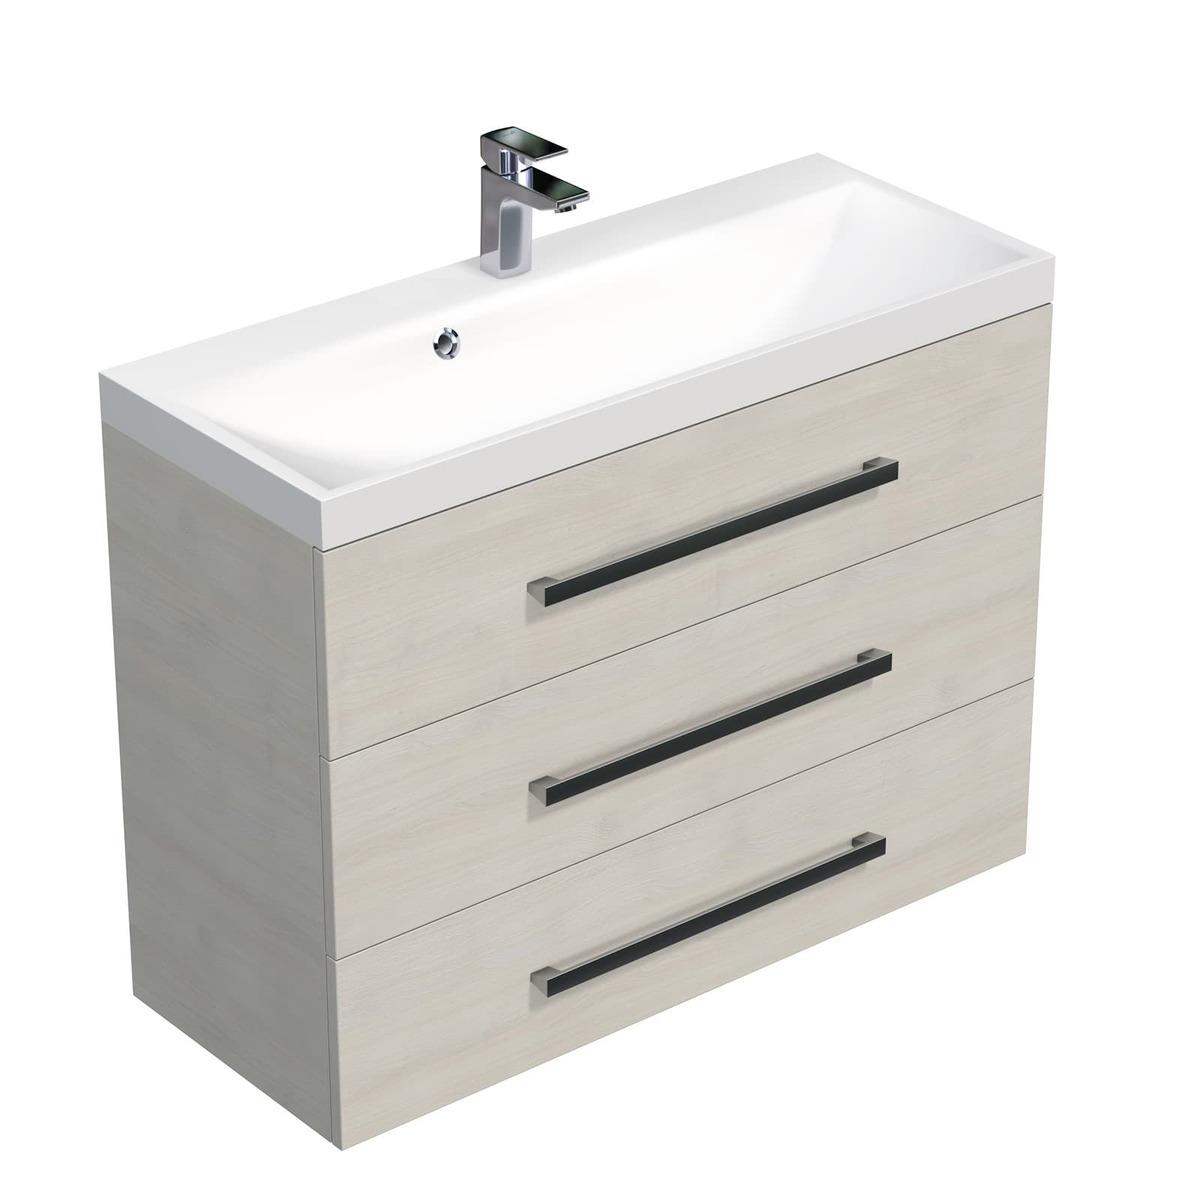 Koupelnová skříňka s umyvadlem Naturel Cube Way 100x76,5x40 cm dub chamonix CUBE21003DC